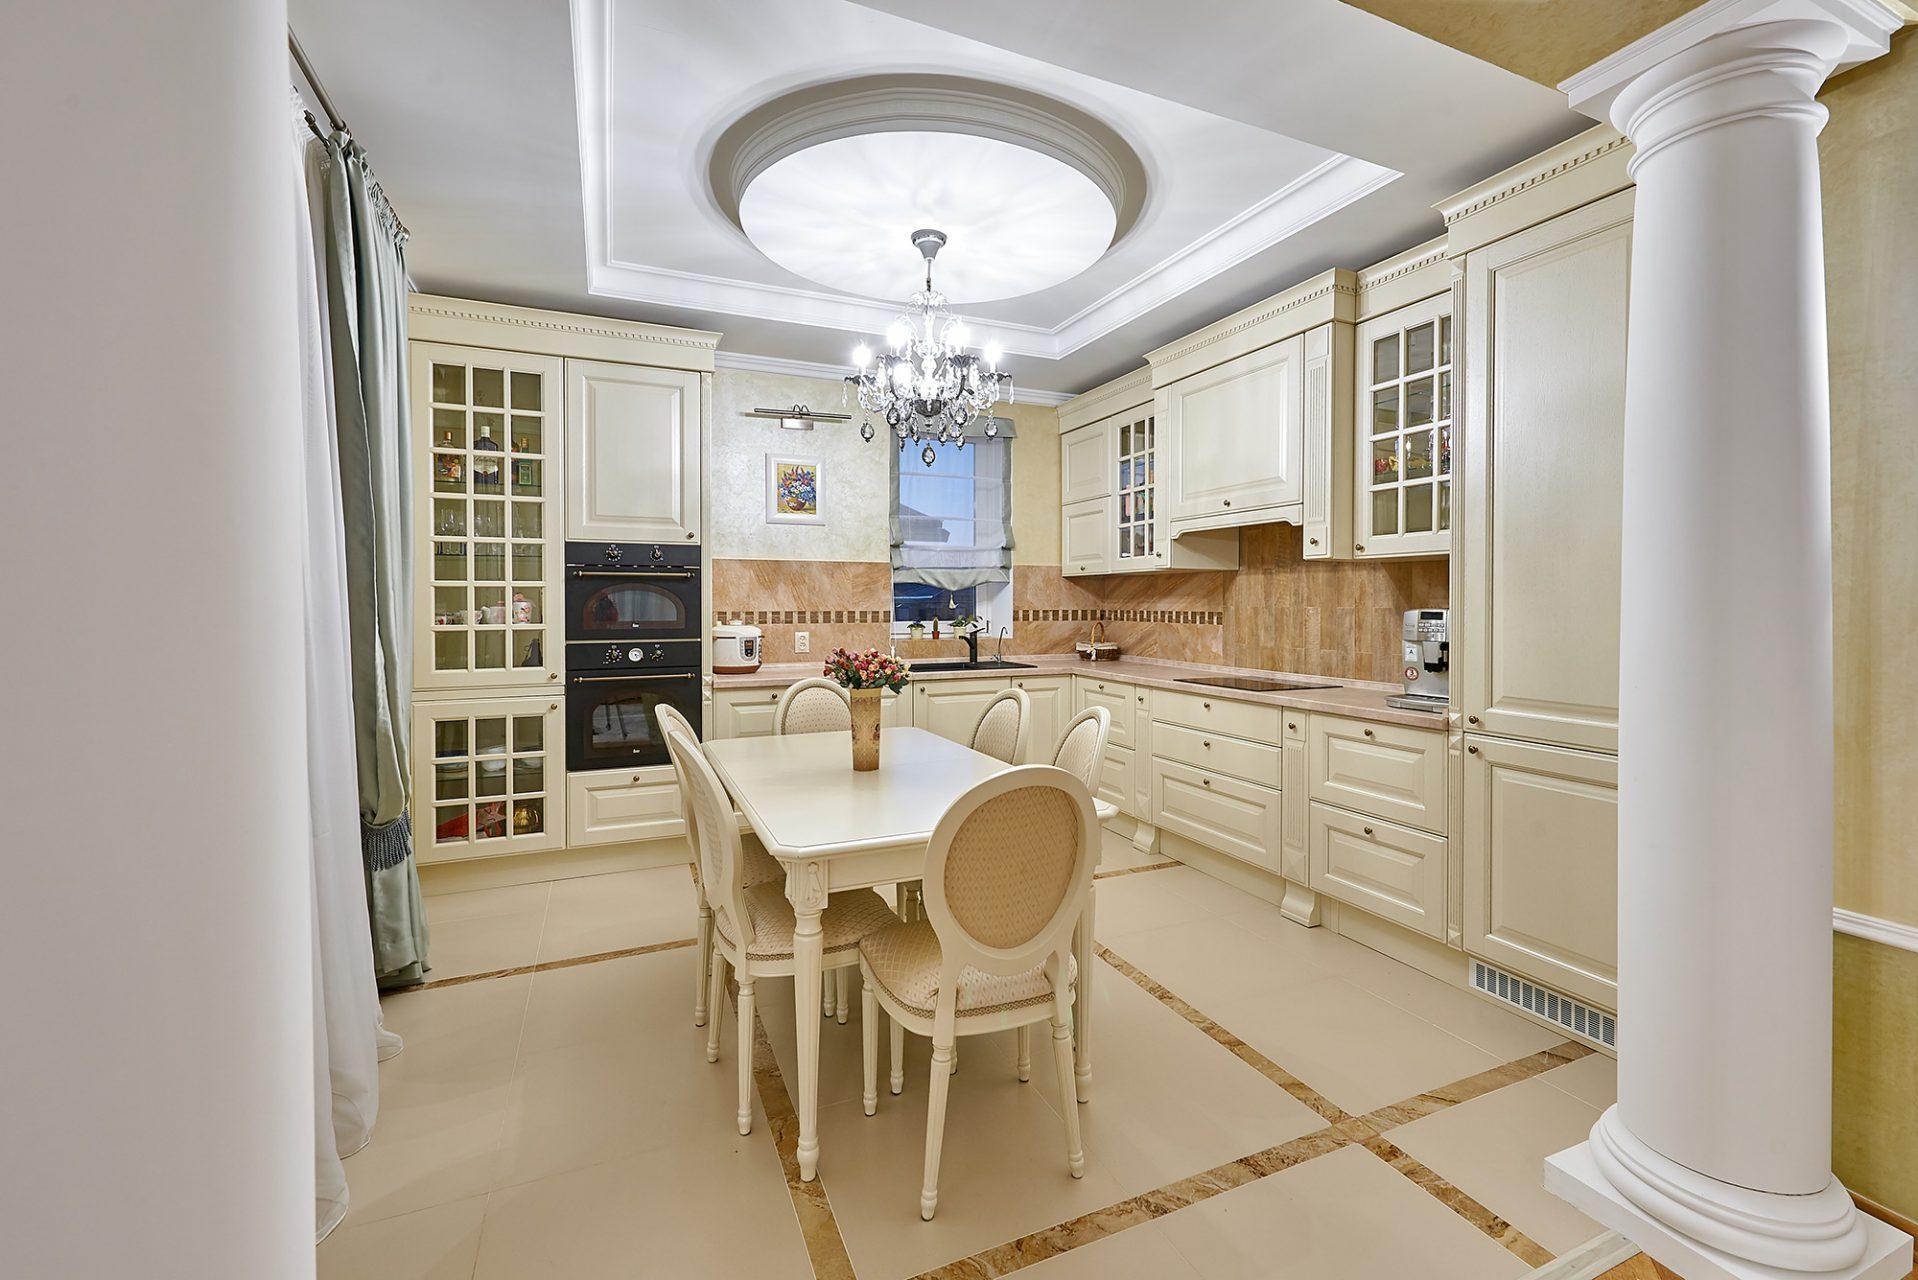 001_interior_kitchen3_korneychikeu